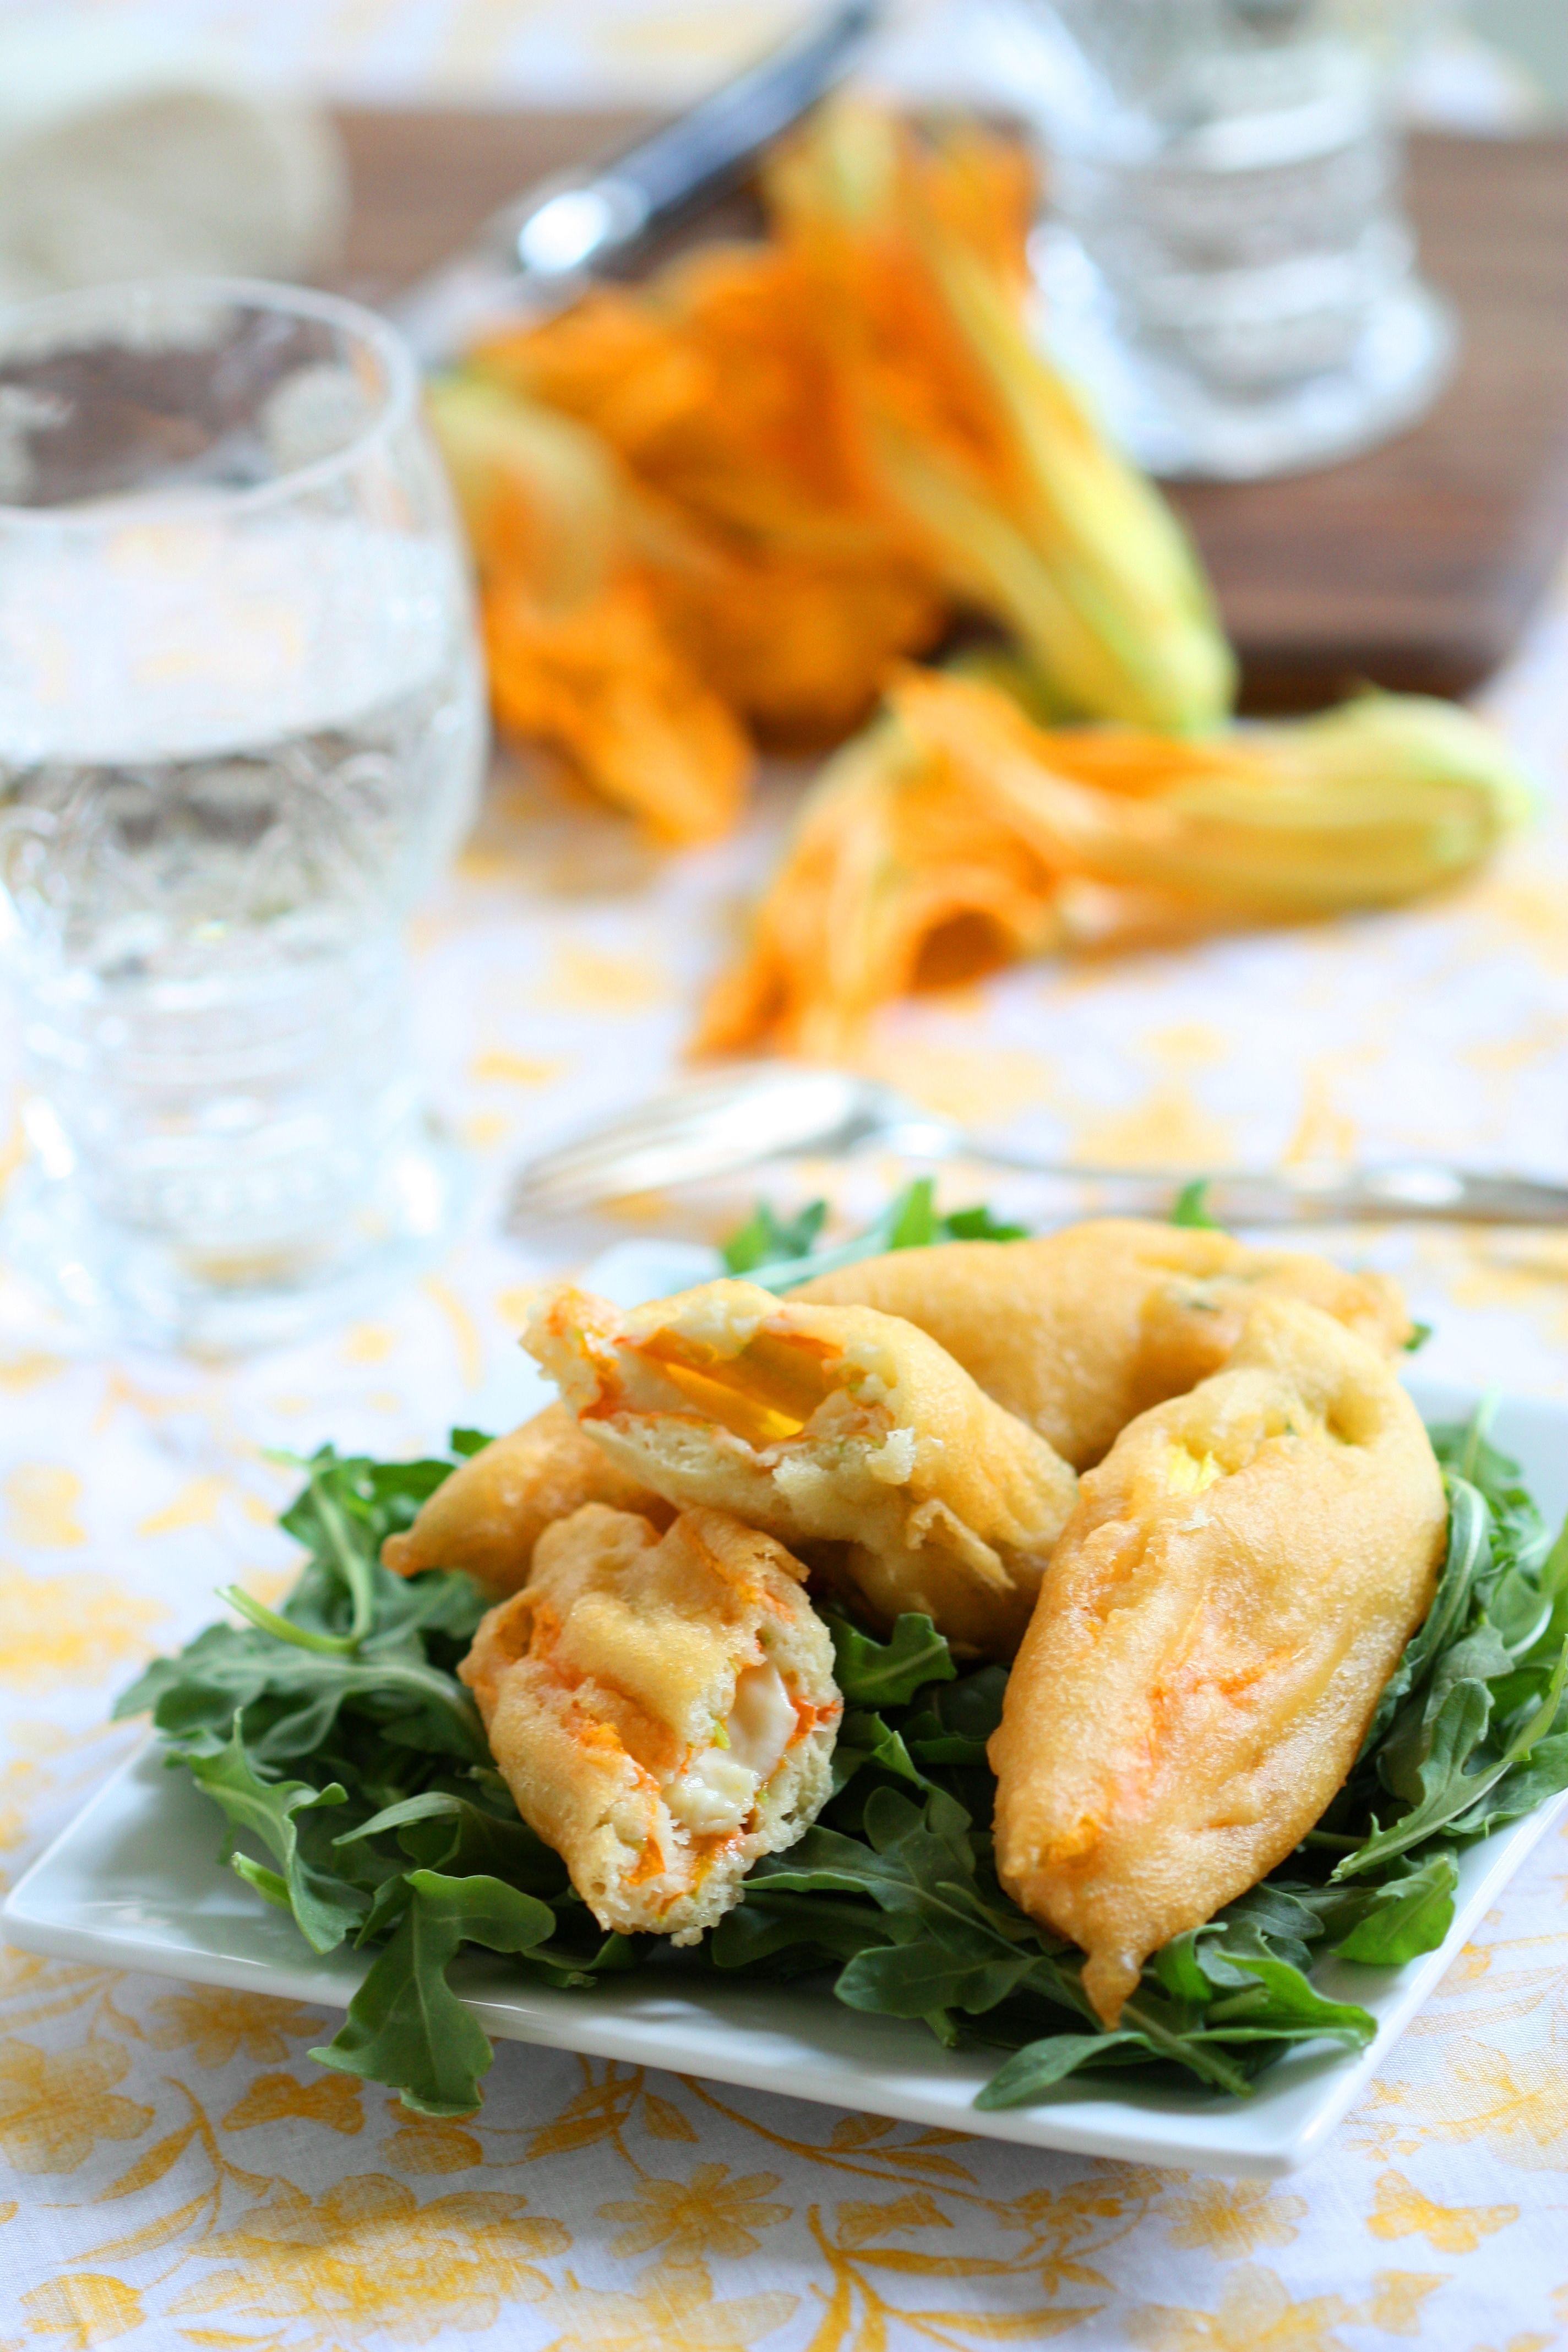 Fiori Di Zucca Fritti.Fried Zucchini Flowers With Mozzarella Fiori Di Zucca Fritti